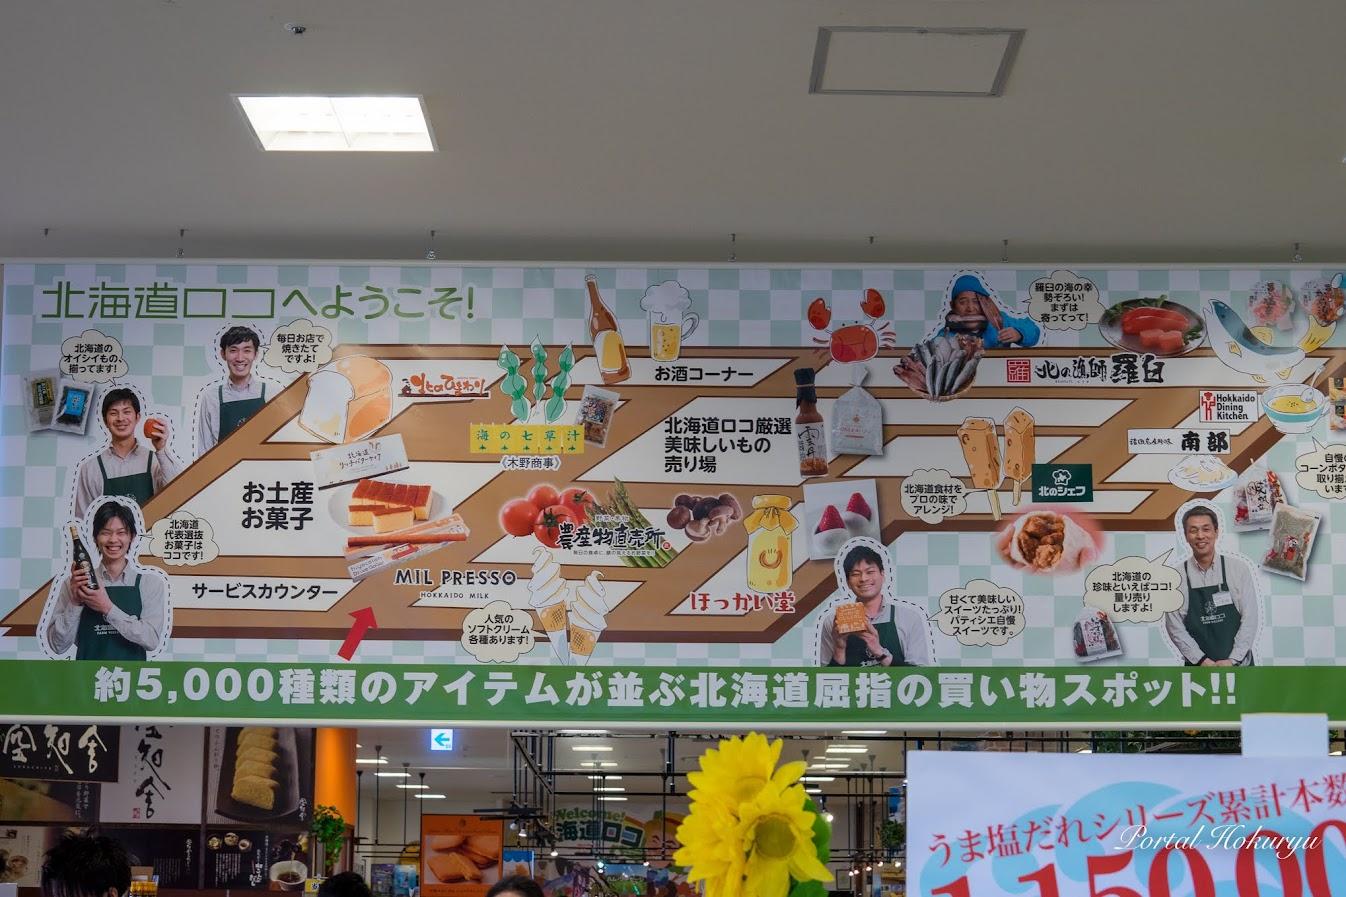 約5,000種類のアイテムが並ぶ北海道屈指の買い物スポット!